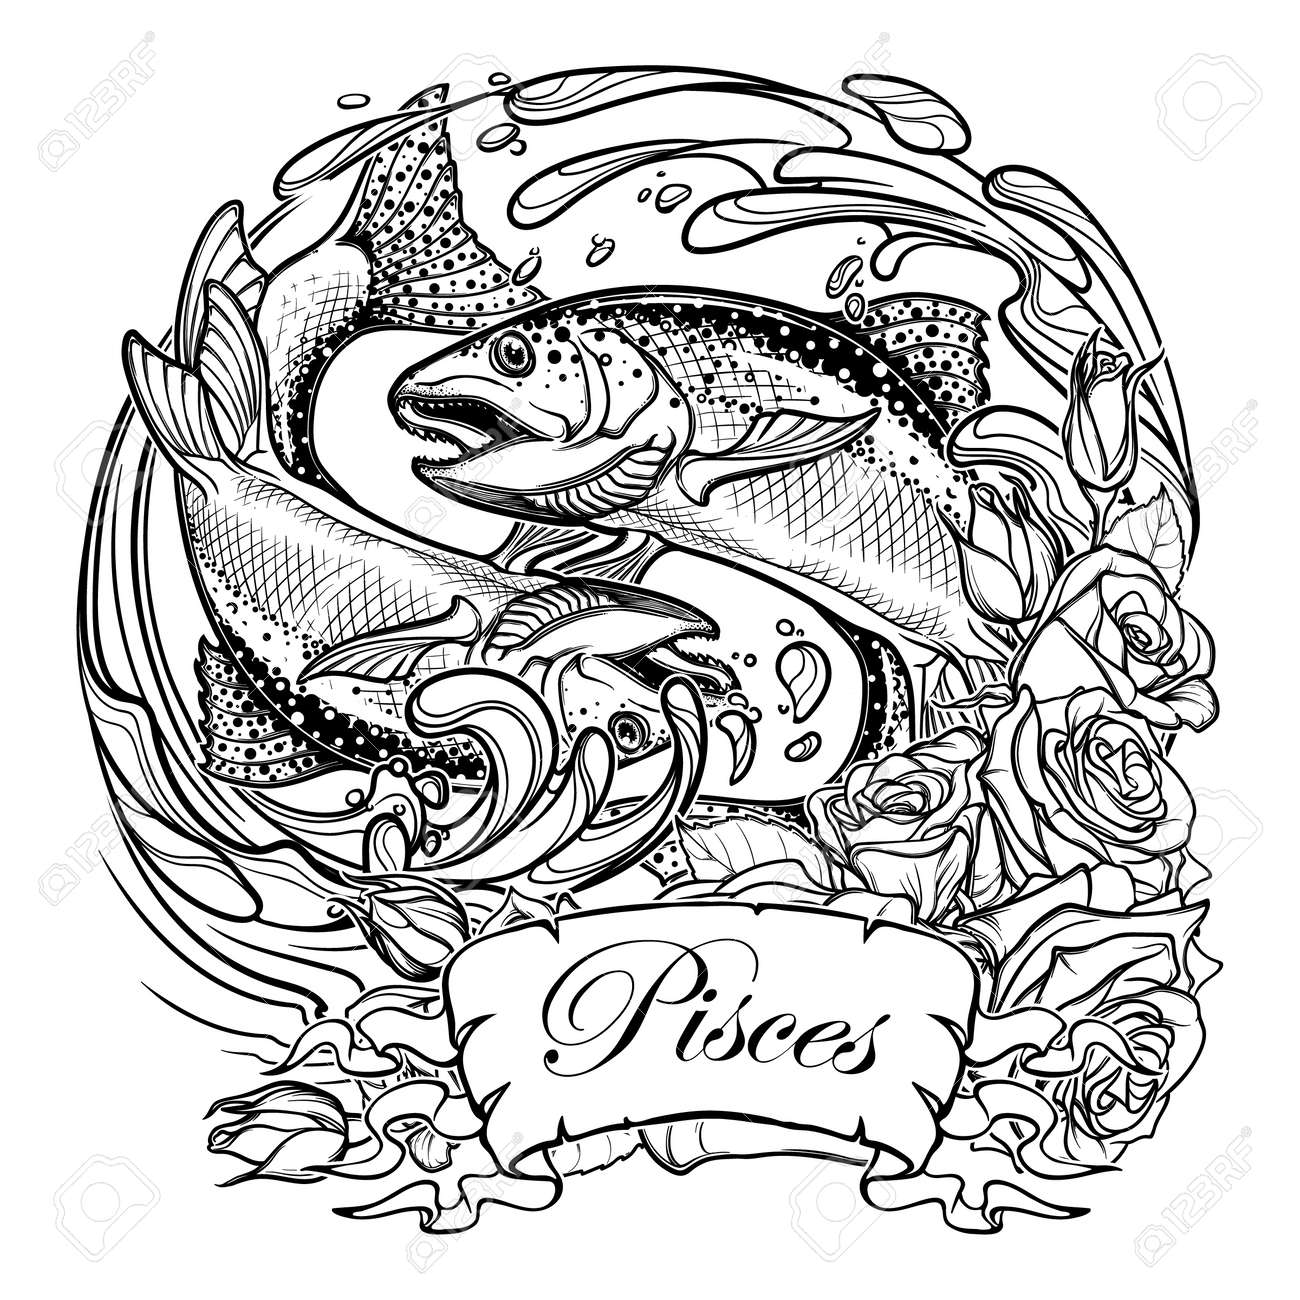 Muestra Del Zodiaco - Piscis. Dos Peces Saltando Desde El Agua ...